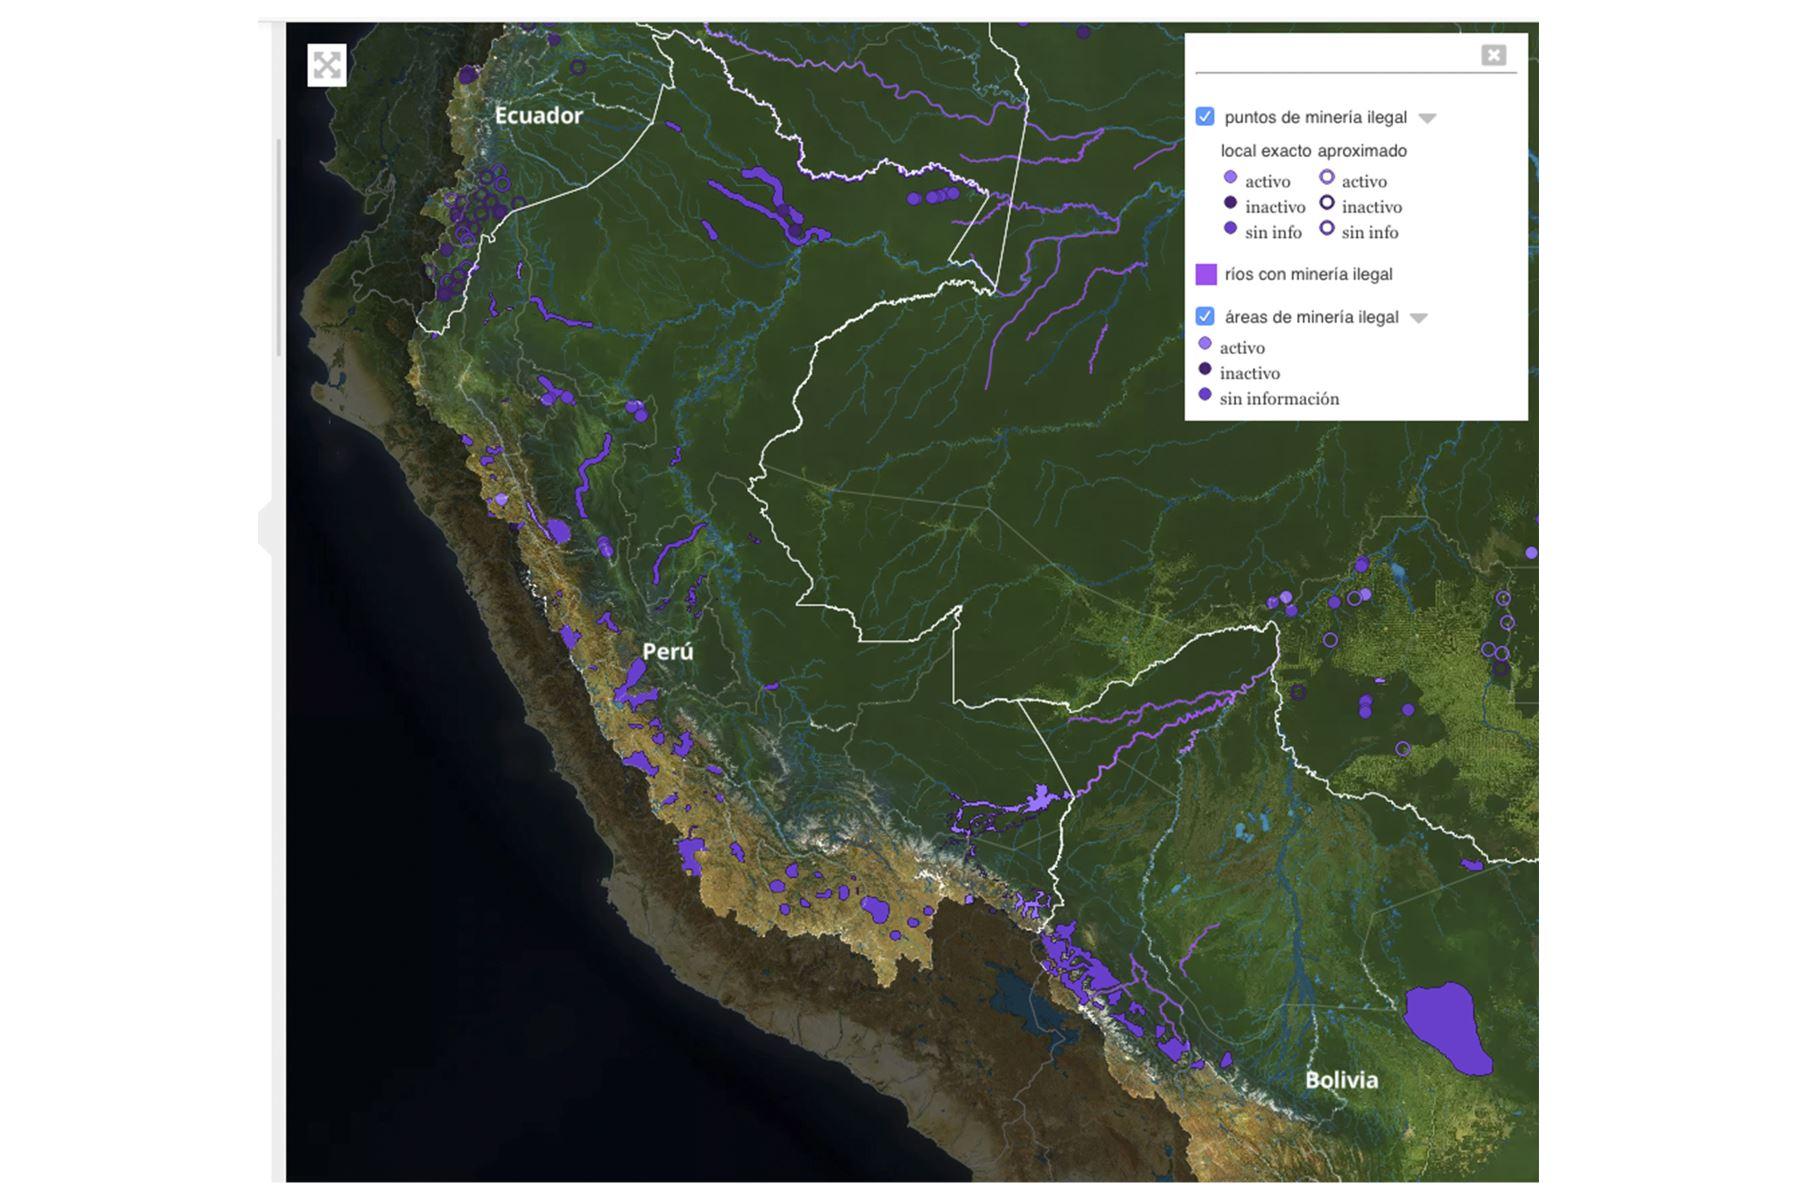 Estudio identificó 2,312 puntos y 245 áreas de extracción no autorizada de minerales como oro, diamantes y coltán en seis países con ecosistemas amazónicos, entre ellos el Perú. FOTO: La Amazonía saqueada